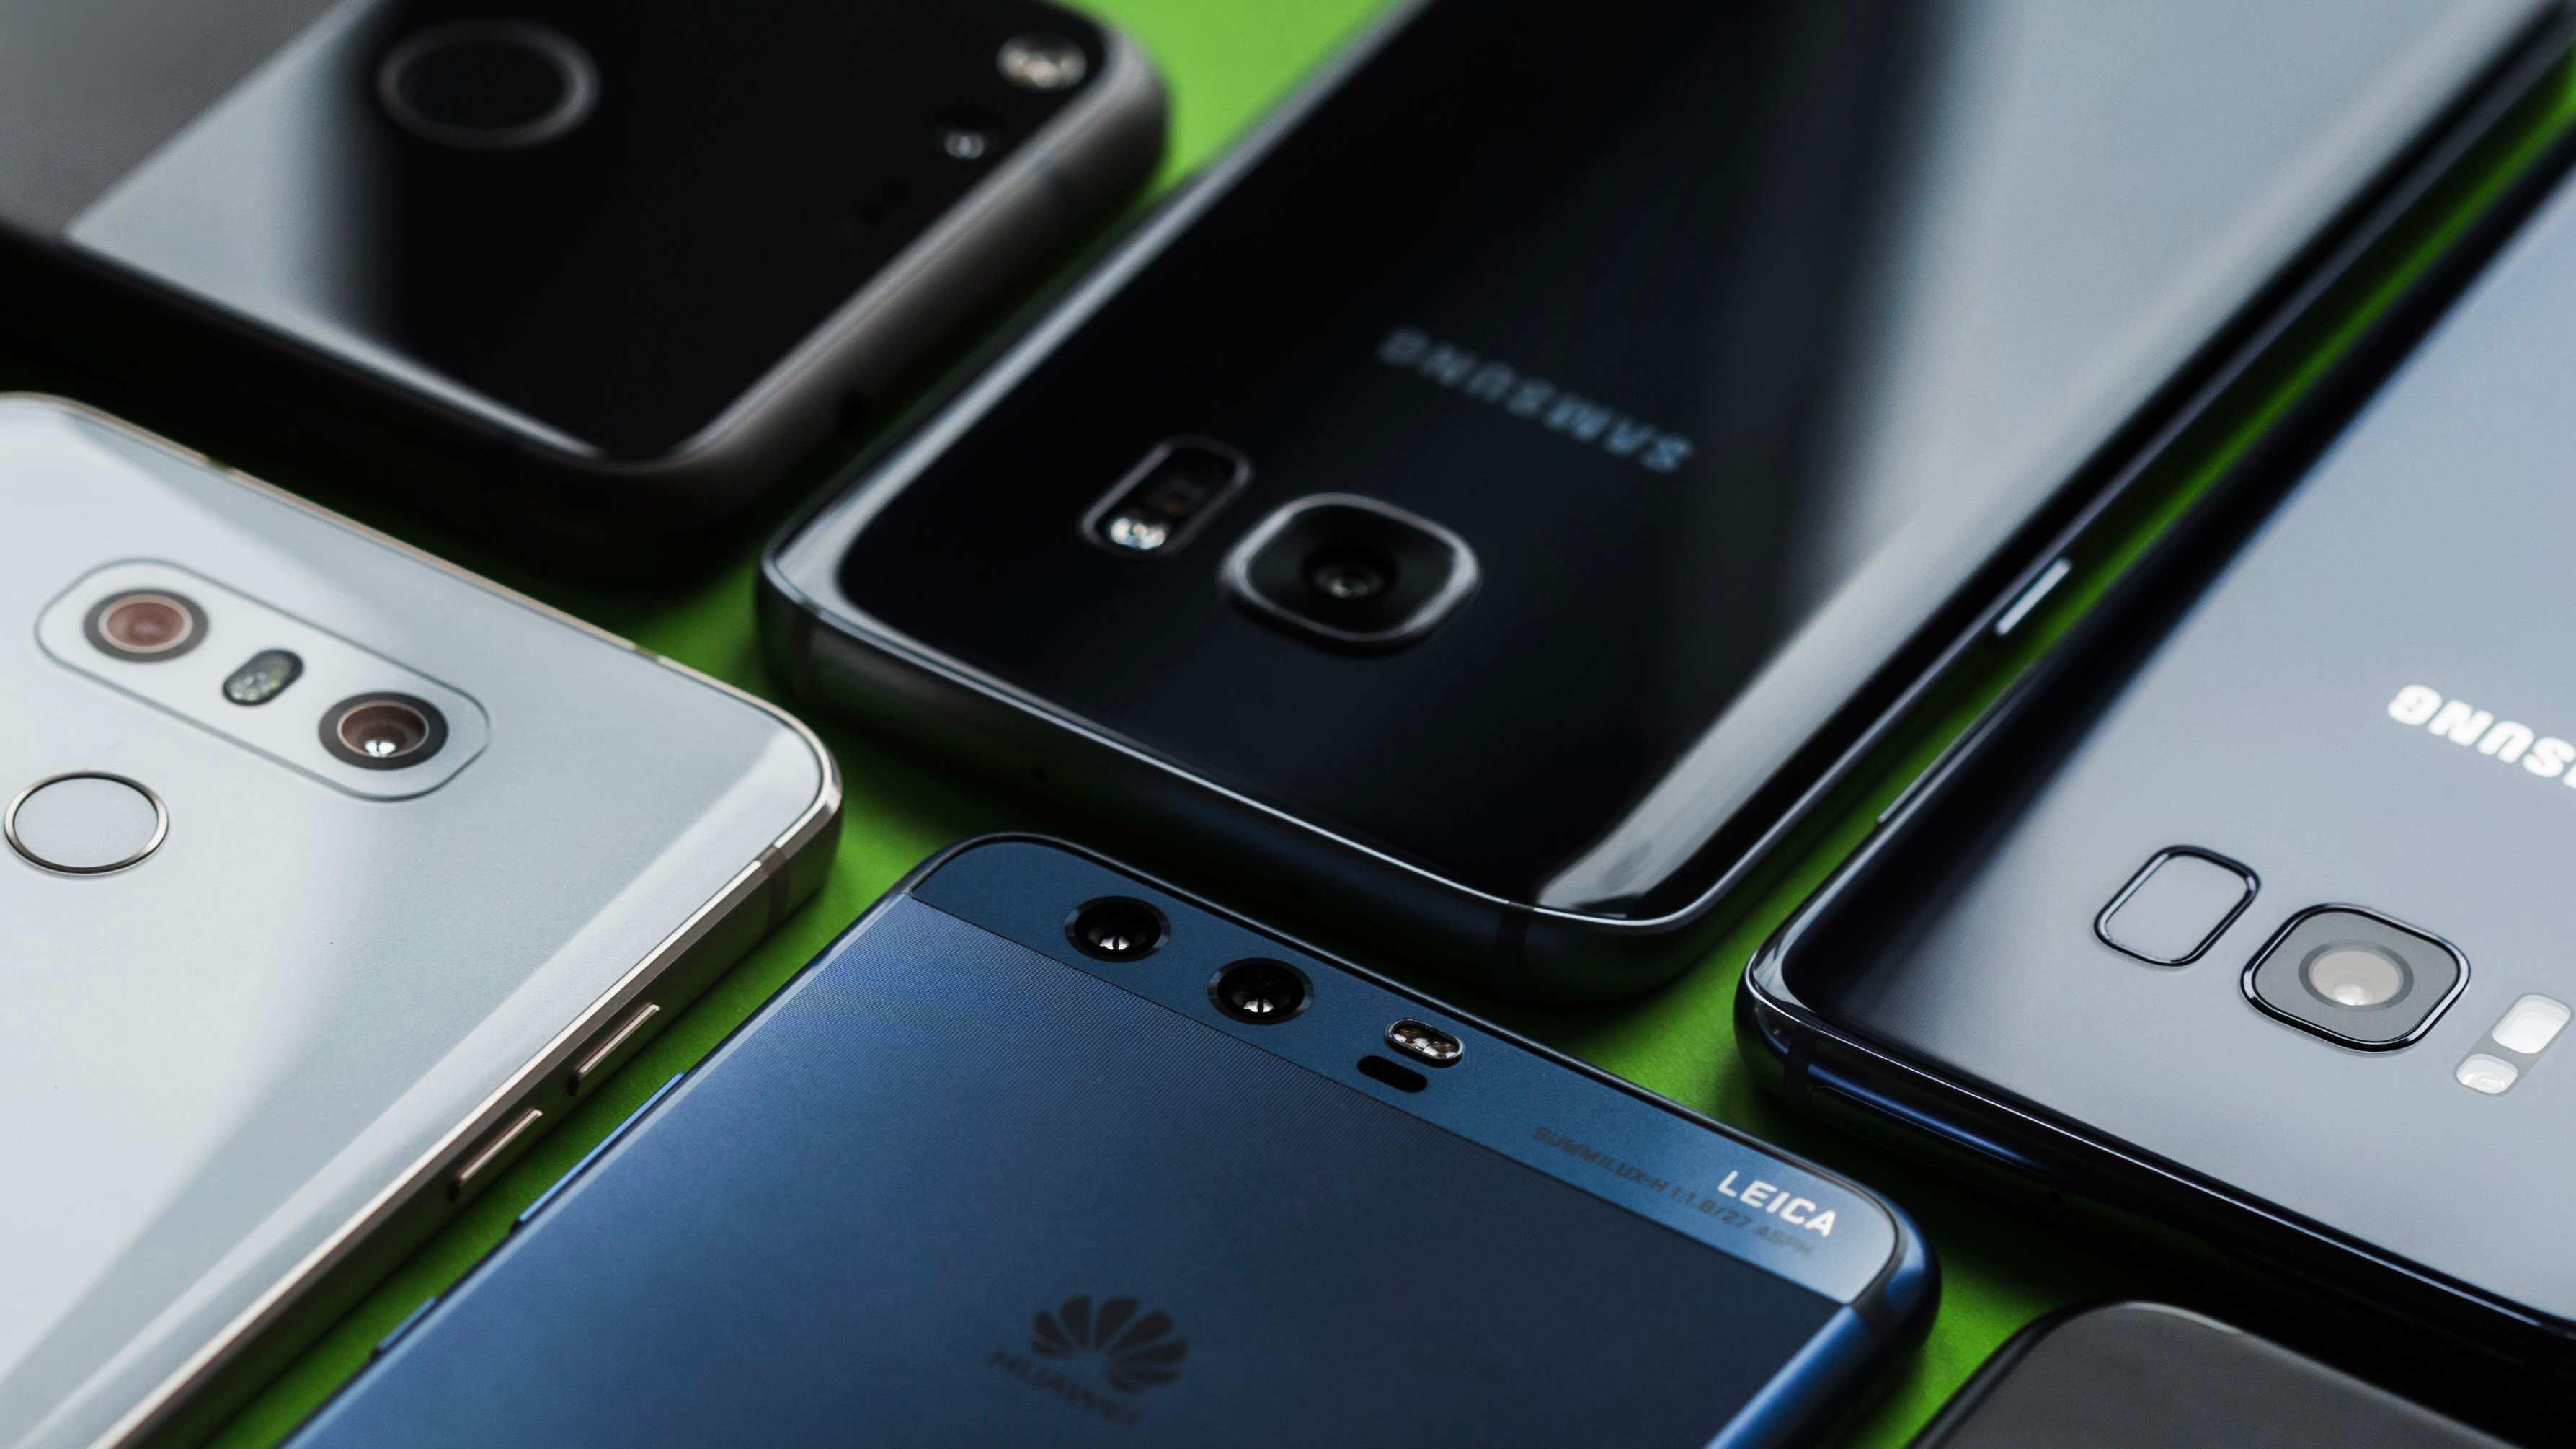 بهترین تلفنهای هوشمند پیشنهادی بر اساس قیمت (فروردین ۹۸)